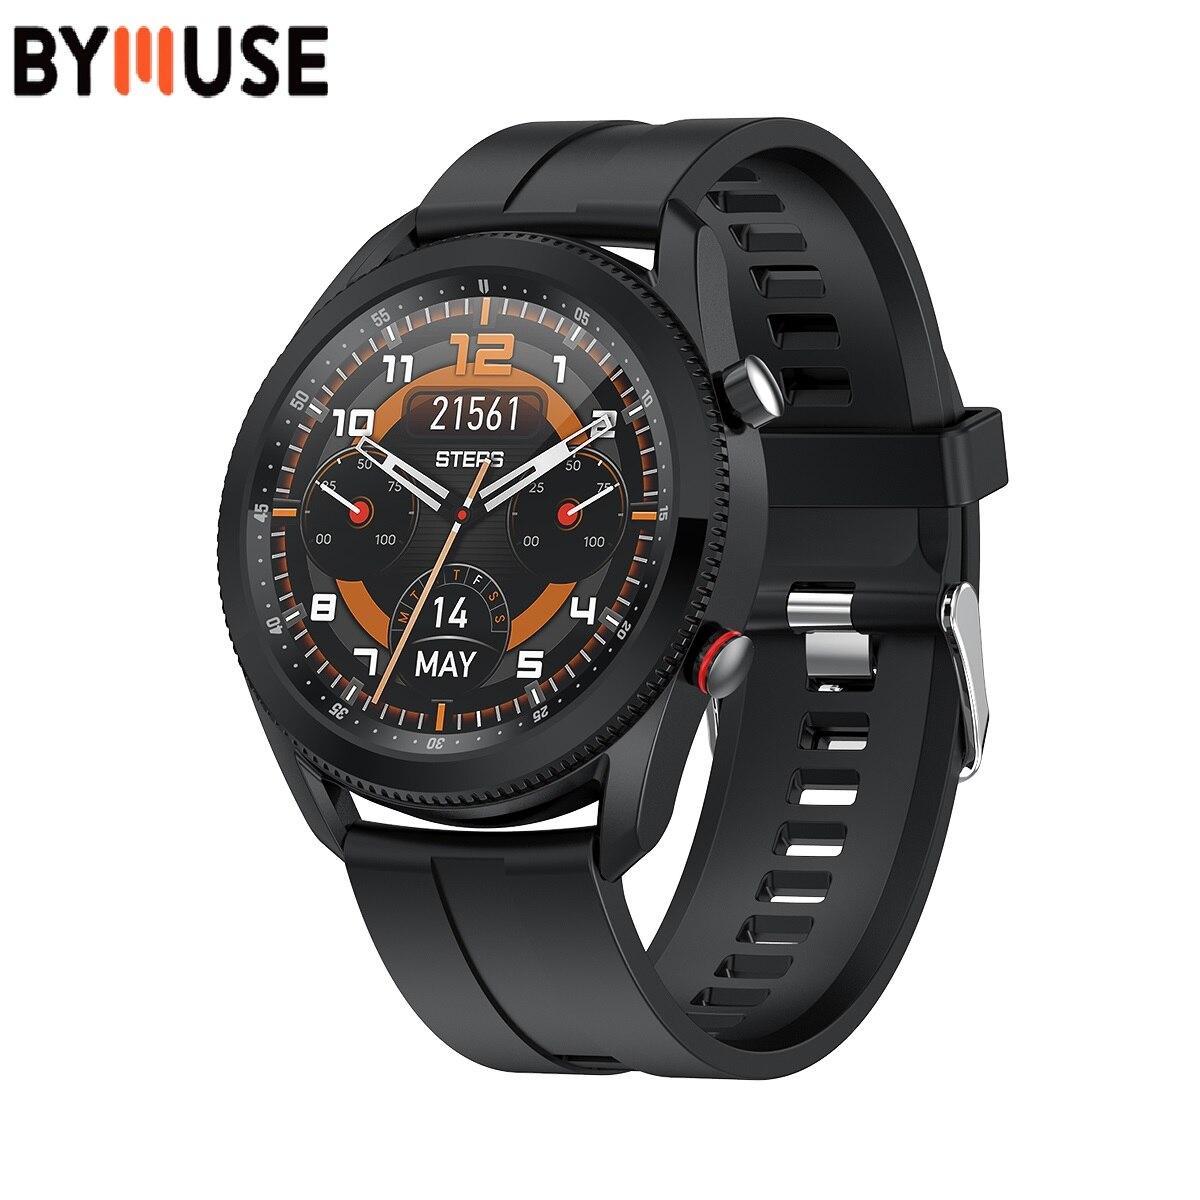 Смарт-часы BYMUSE L61, BT, мужской циферблат, поворот для переключения функций, 1,28 дюйма, Смарт-часы, IP67, водонепроницаемые, для телефонов Xiaomi Redmi